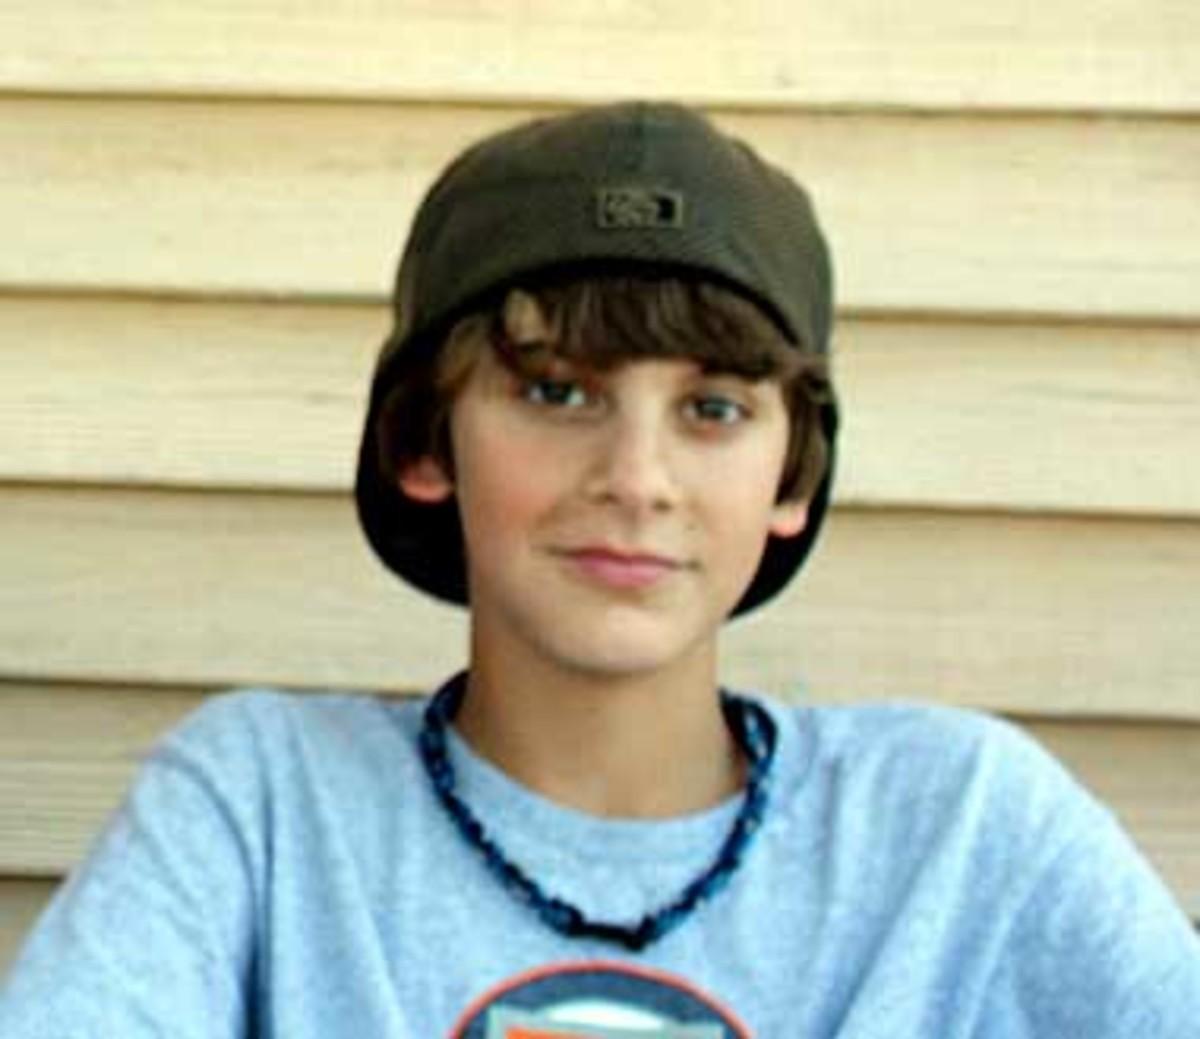 Kameron Jacobsen, 14-years-old, victim of bullying